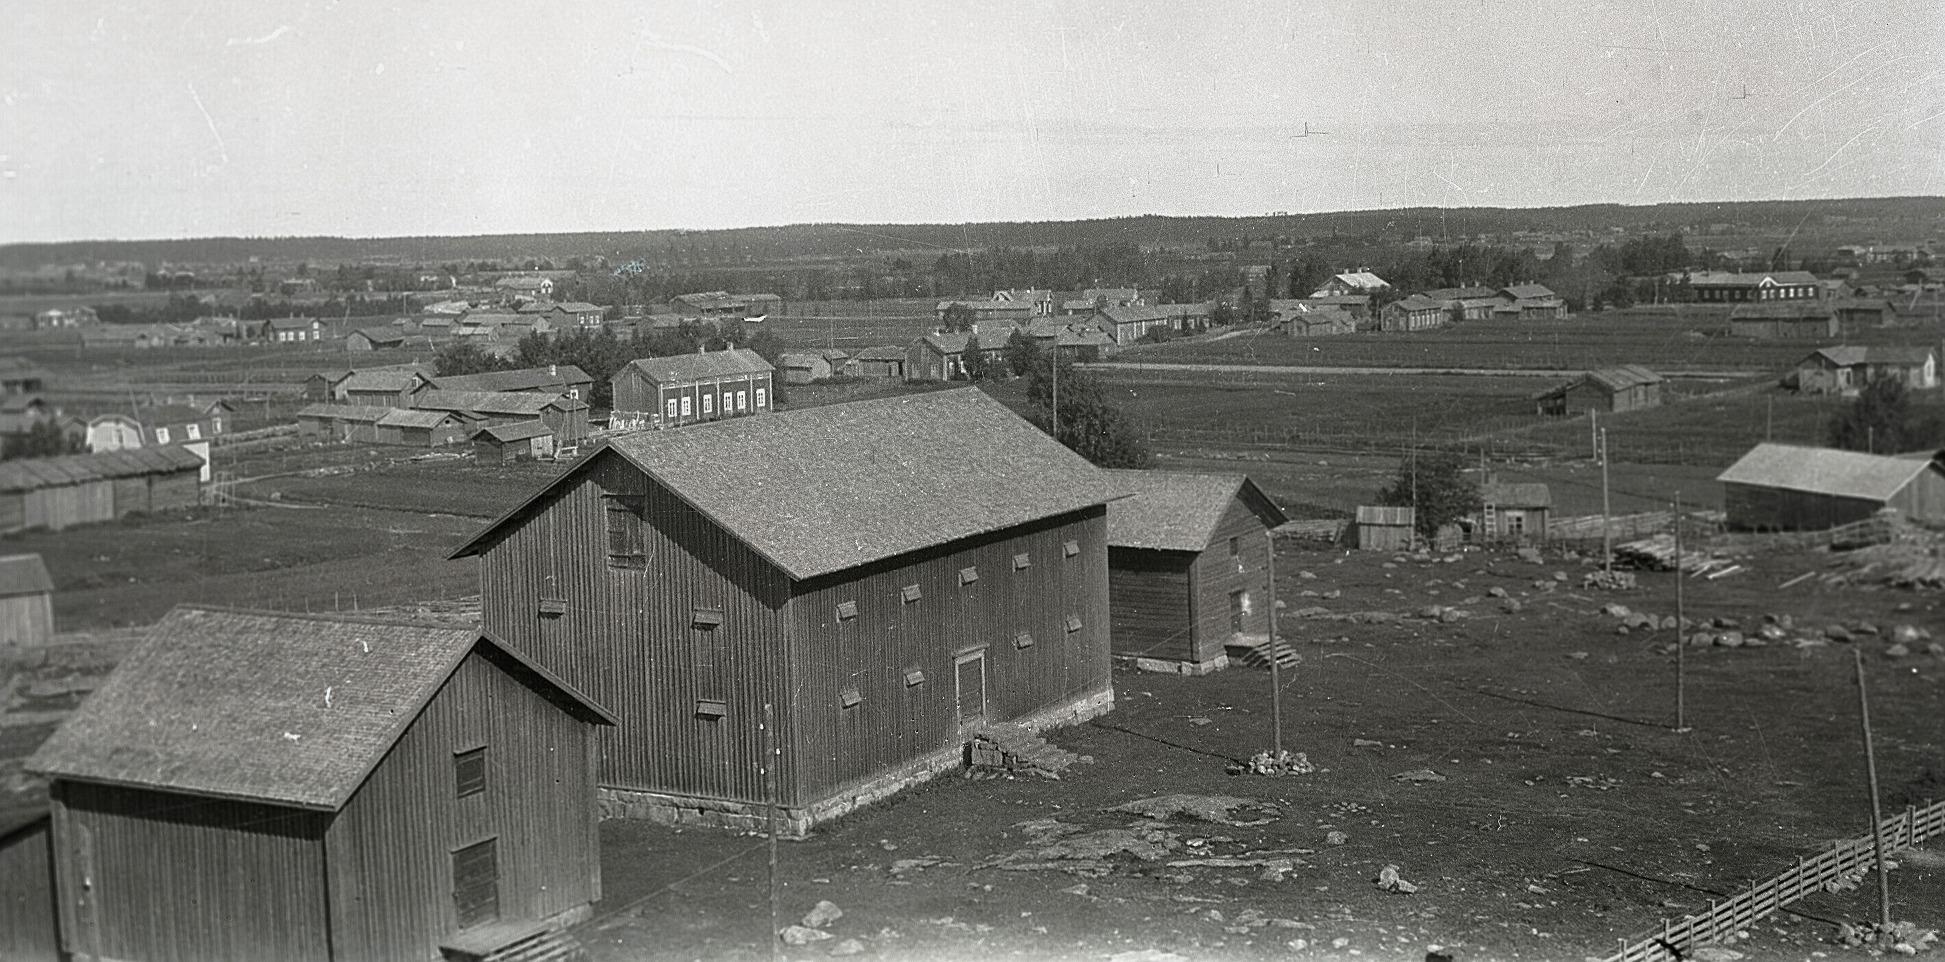 Foto från klockstapeln eller kyrktaket mot centrum. Till vänster magasinet för brännvinspannorna, i mitten kronomagasinet, nuvarande församlingshem.